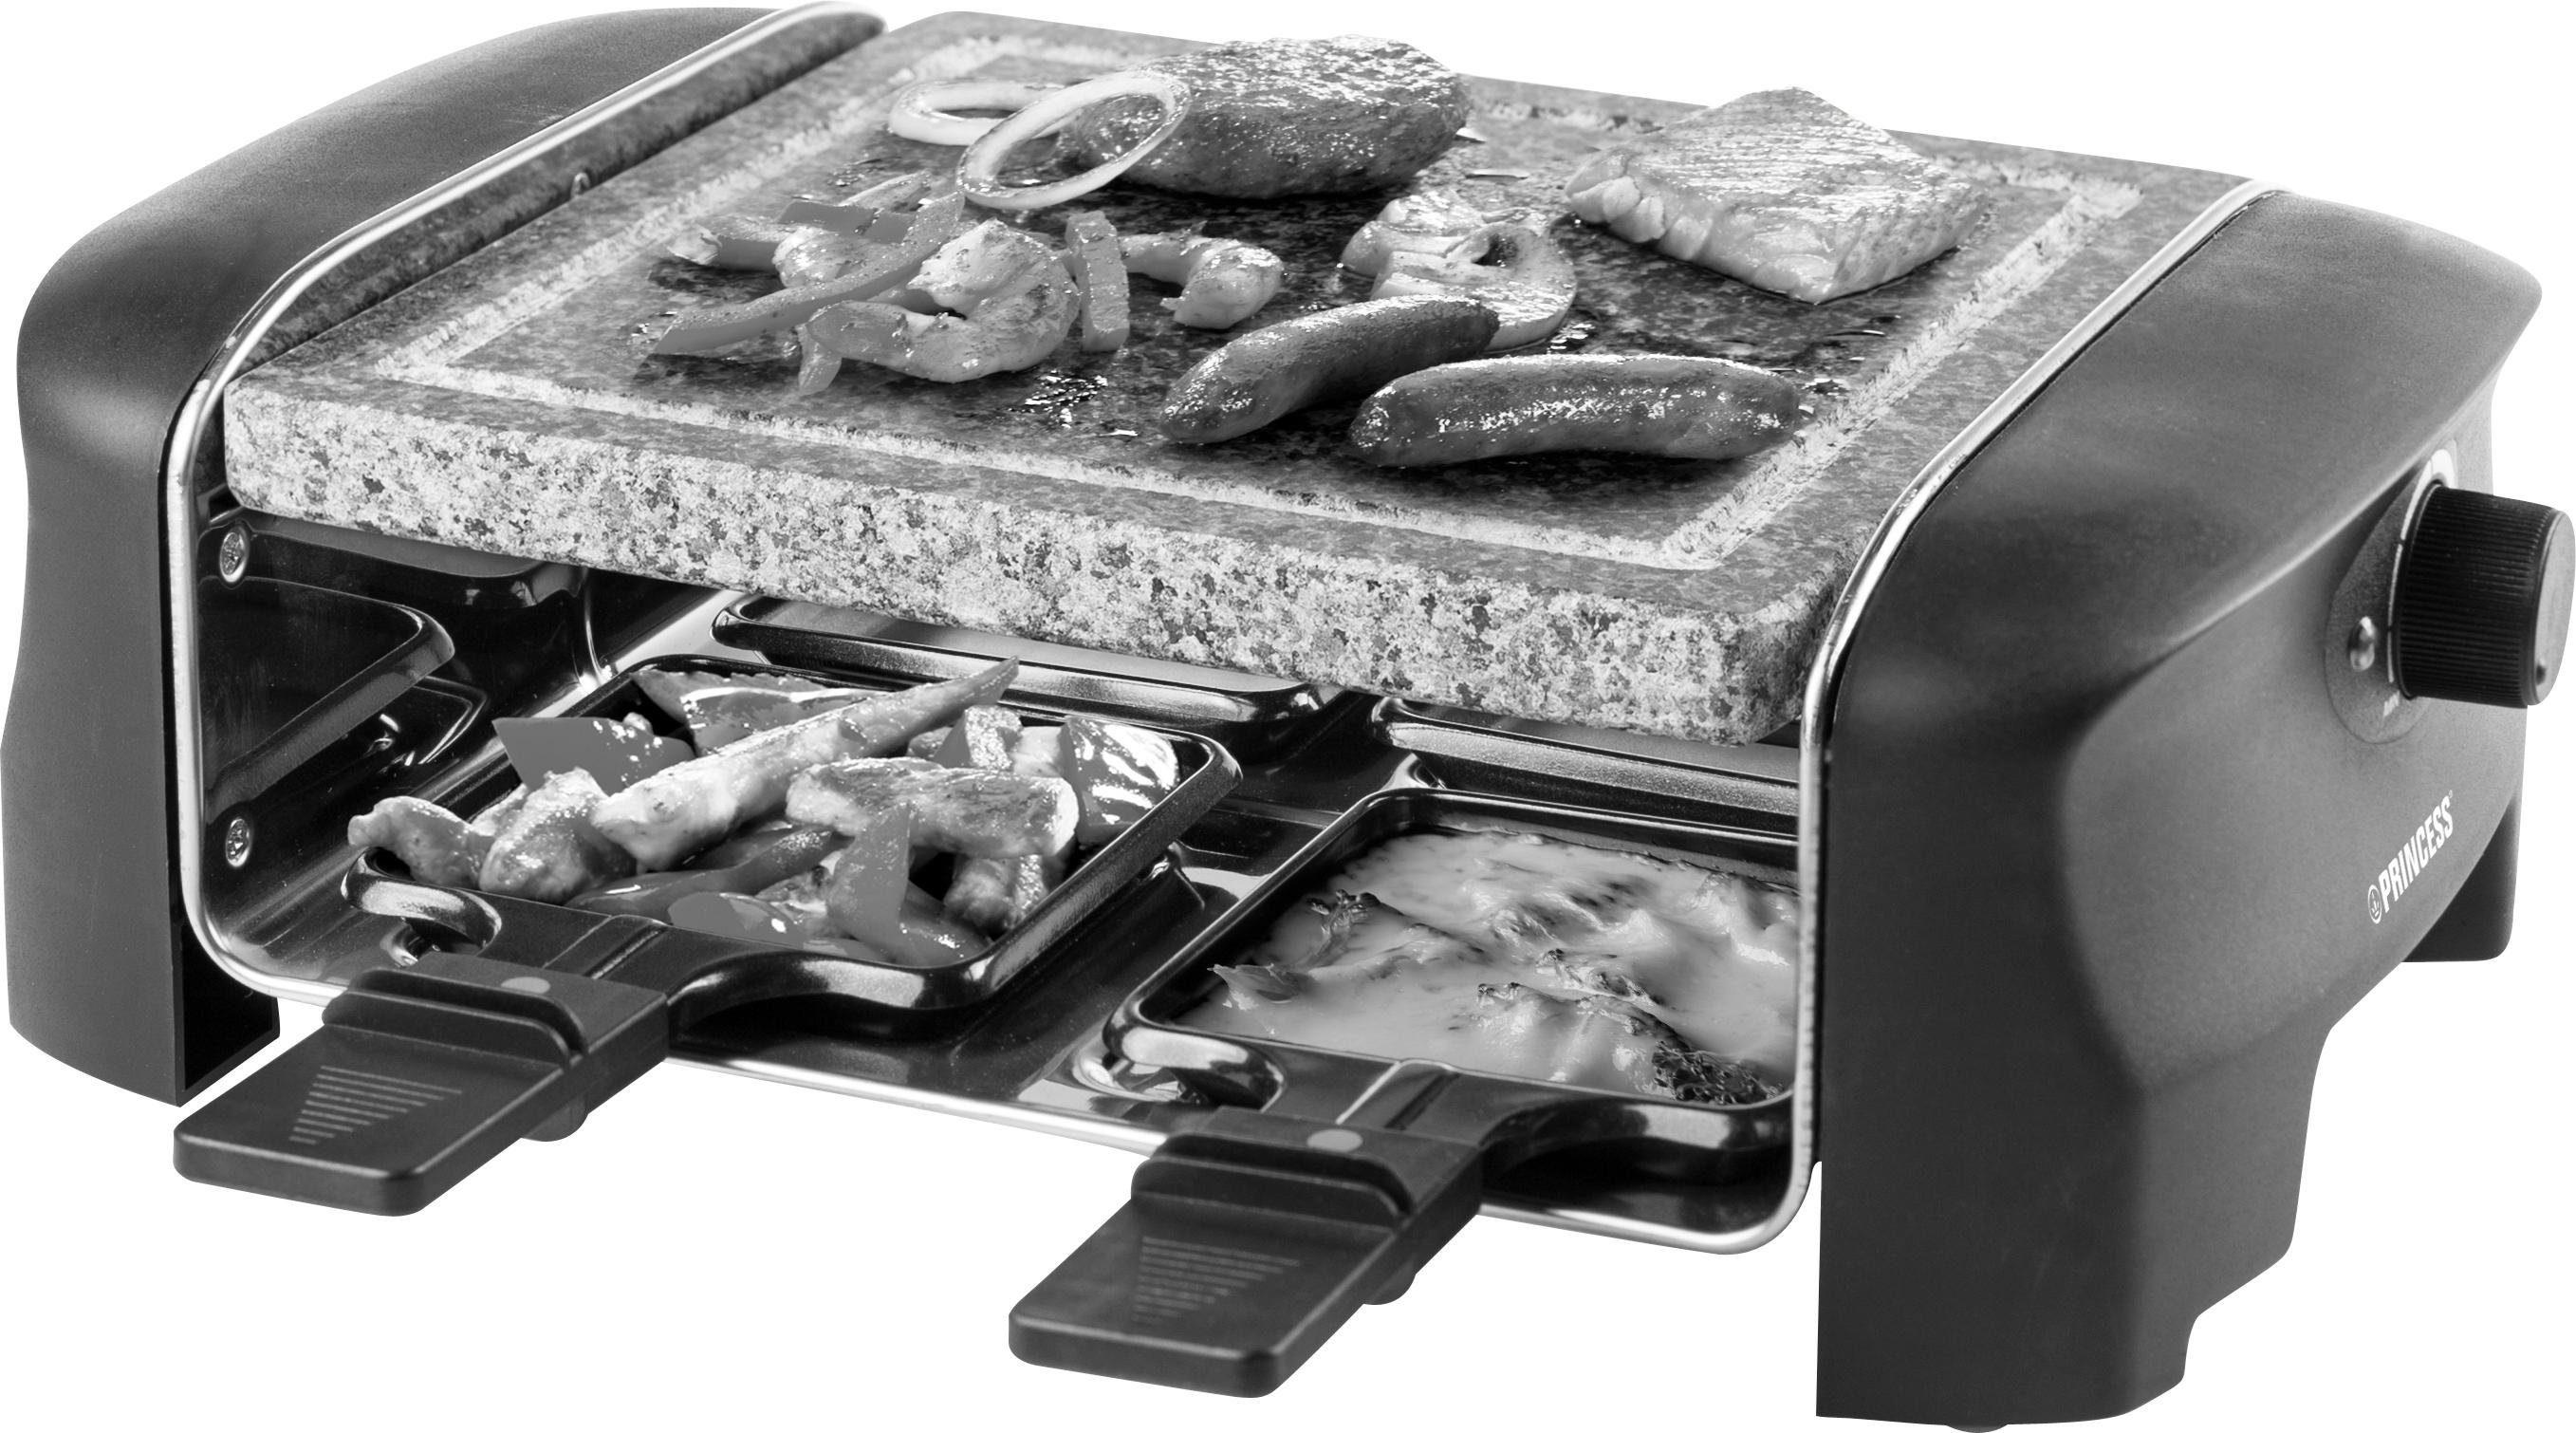 PRINCESS Raclette 4Personen-Stein-Grill - 162810, 4 Raclettepfännchen, 600 W